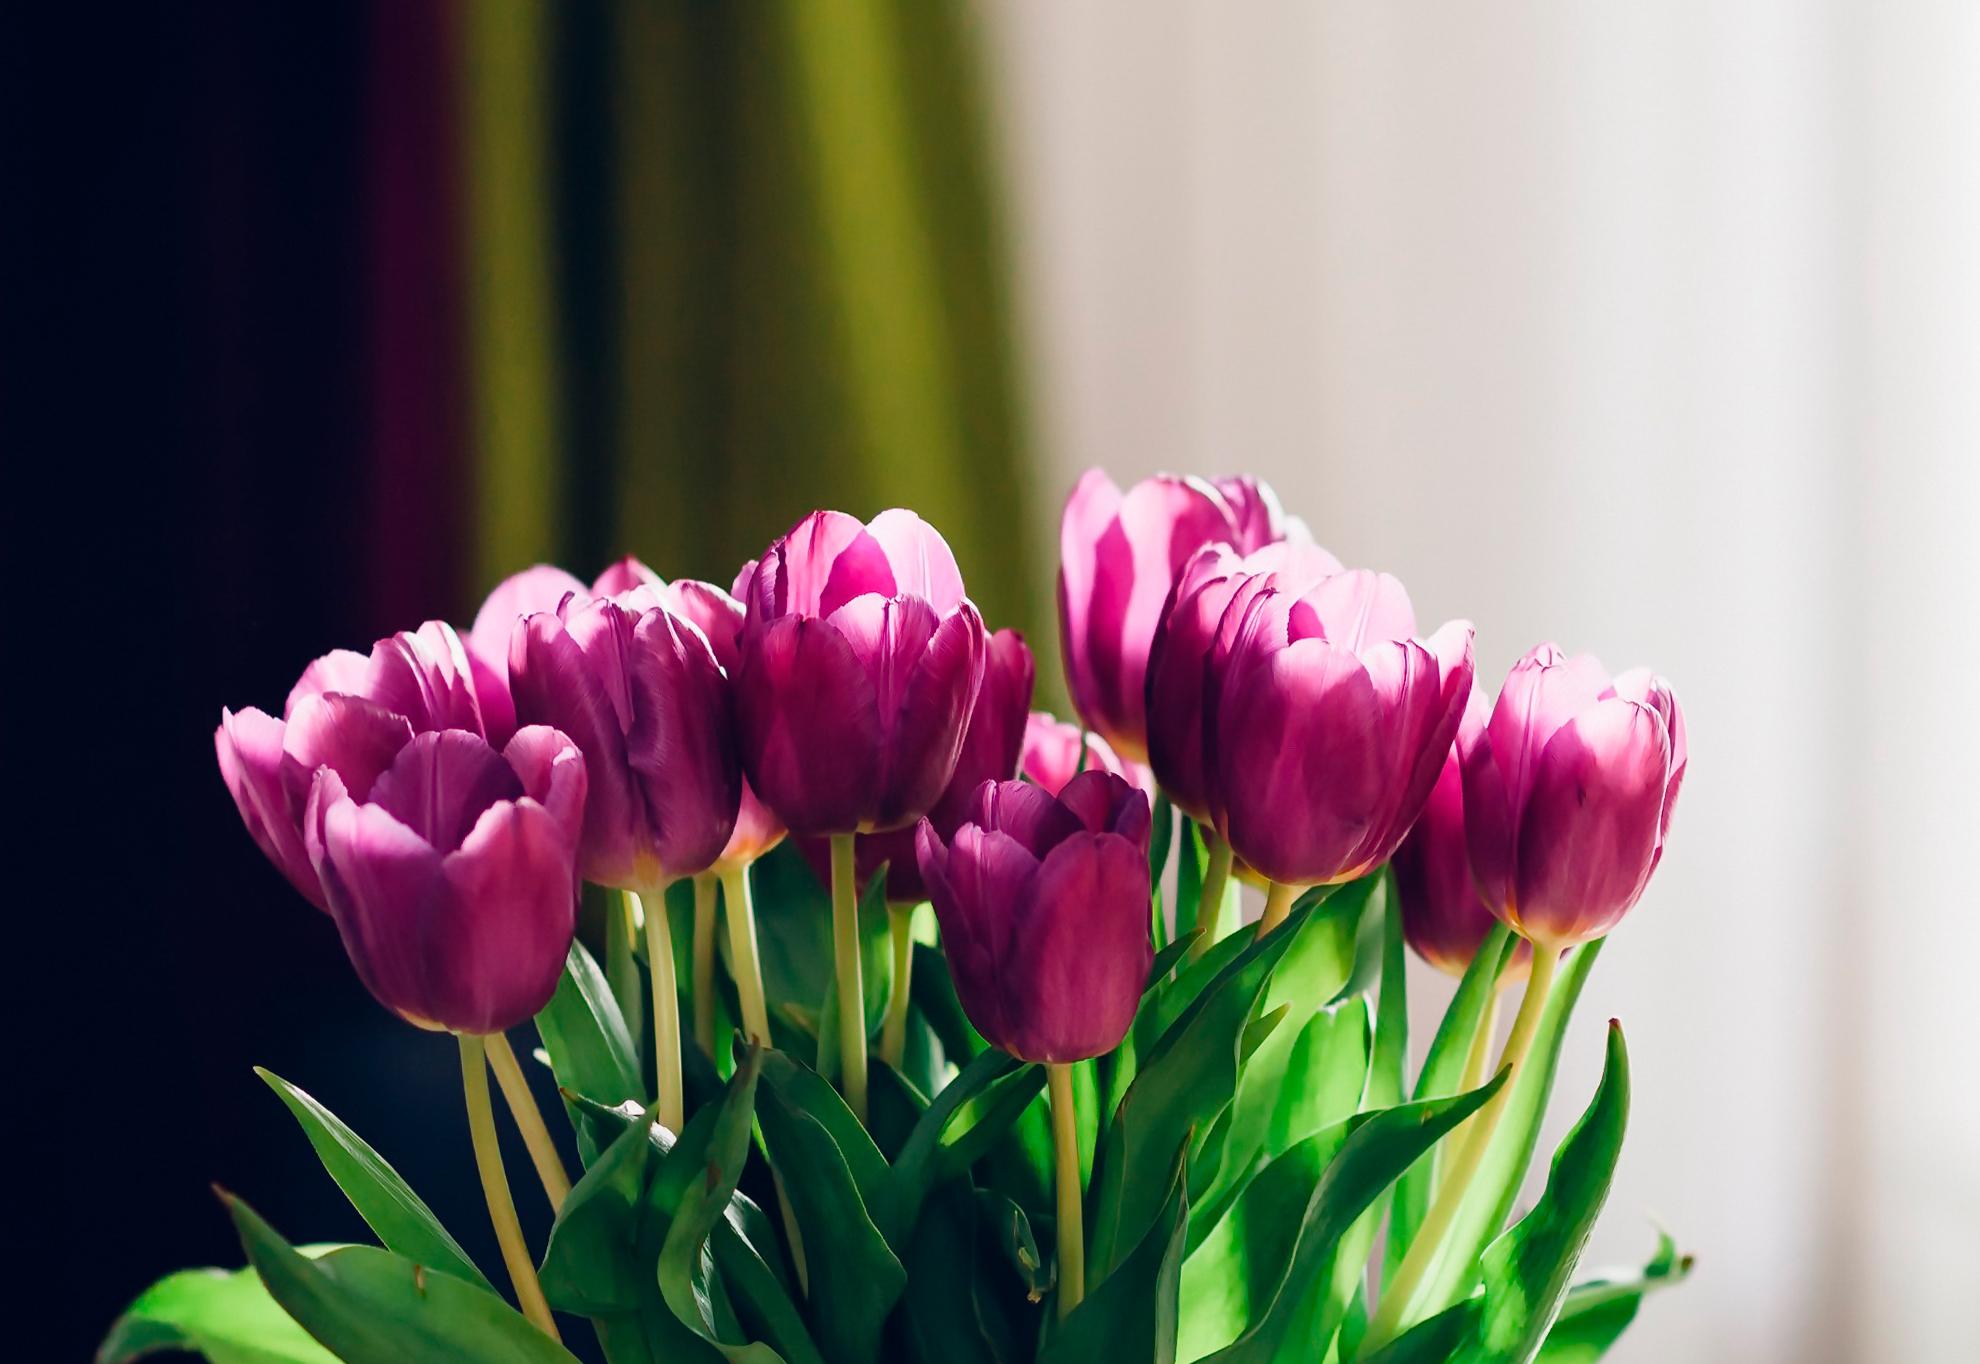 tulip-photo-153